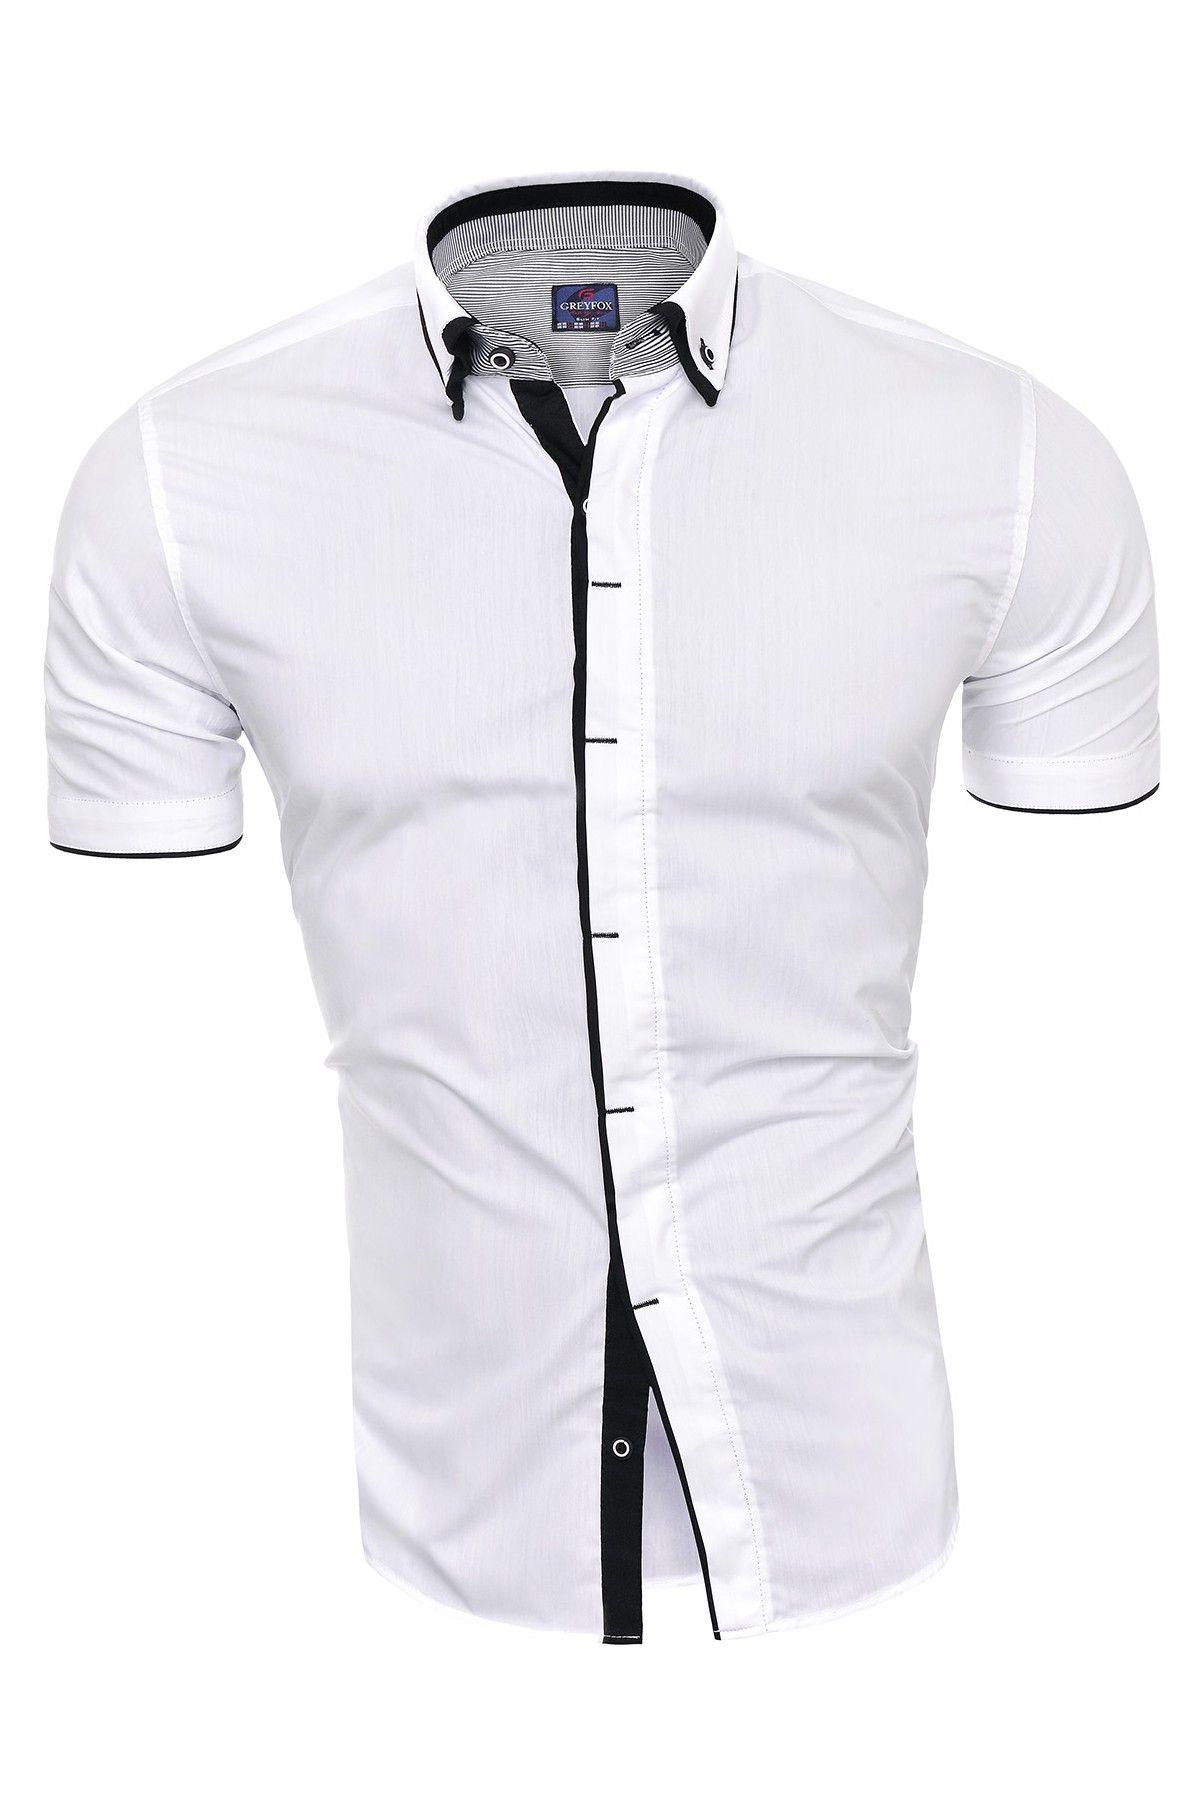 920a679b5db7e8 Koszula męska z krótkim rękawem cd24 - biały | Clothing for my MEN ...